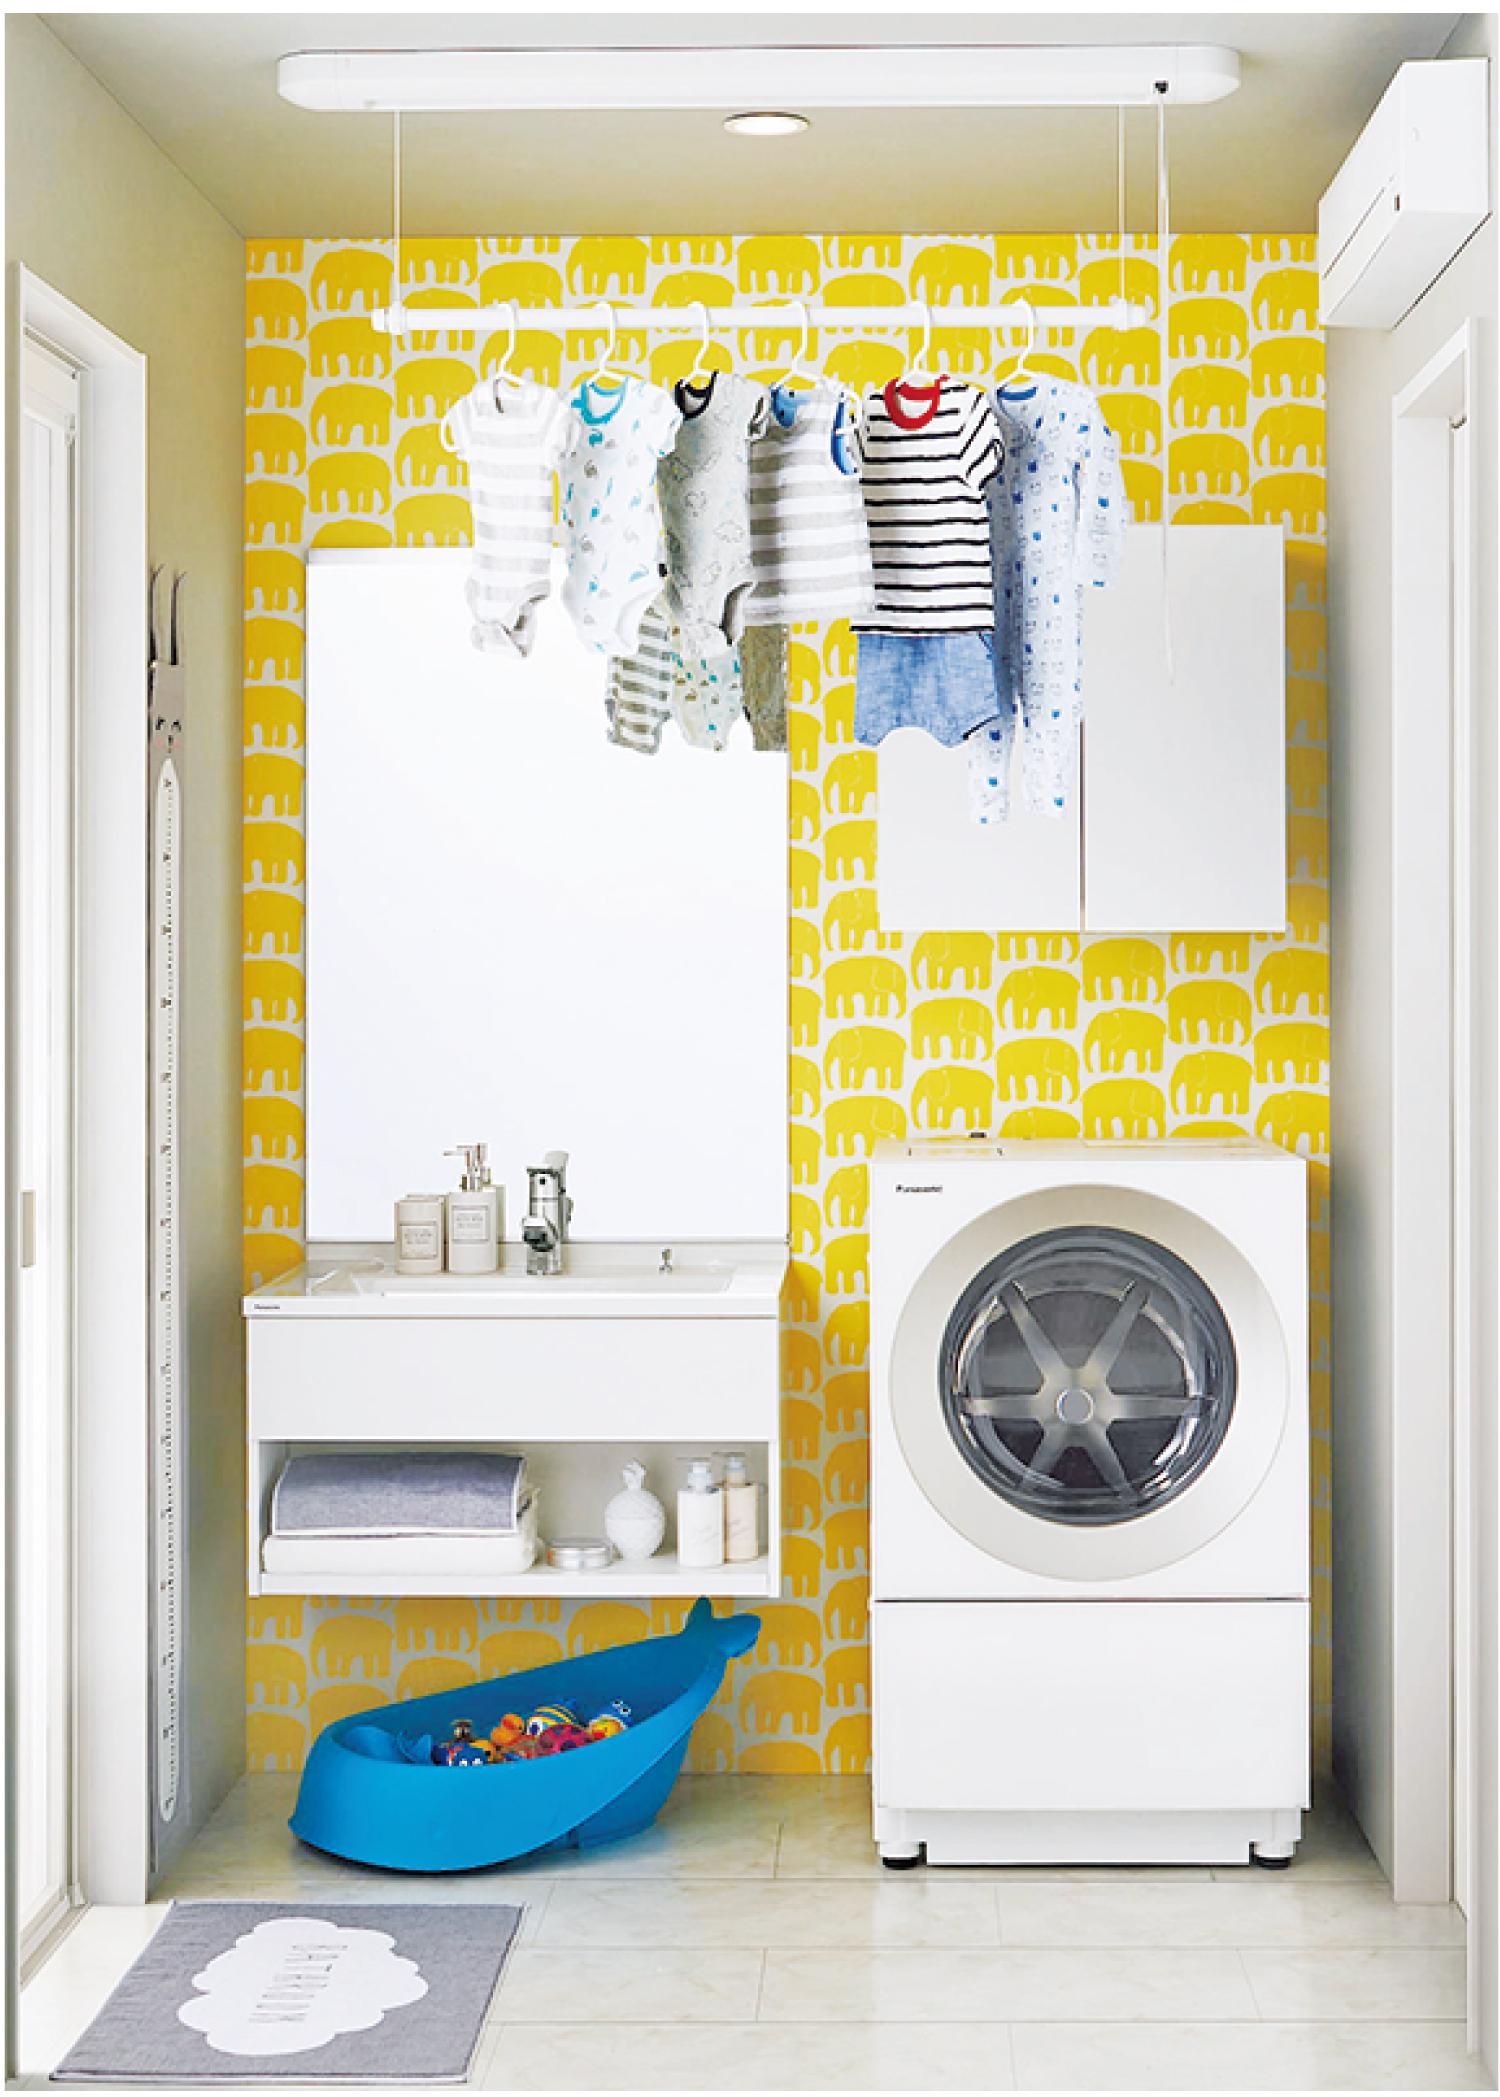 パナソニック 洗面化粧台<br> シーラインの写真